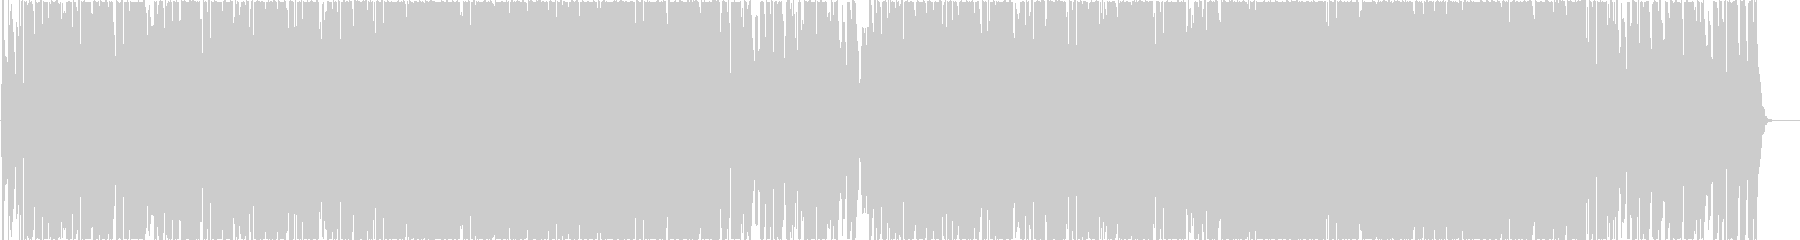 怪しいインド風トラップ・ヒップホップbの未再生の波形